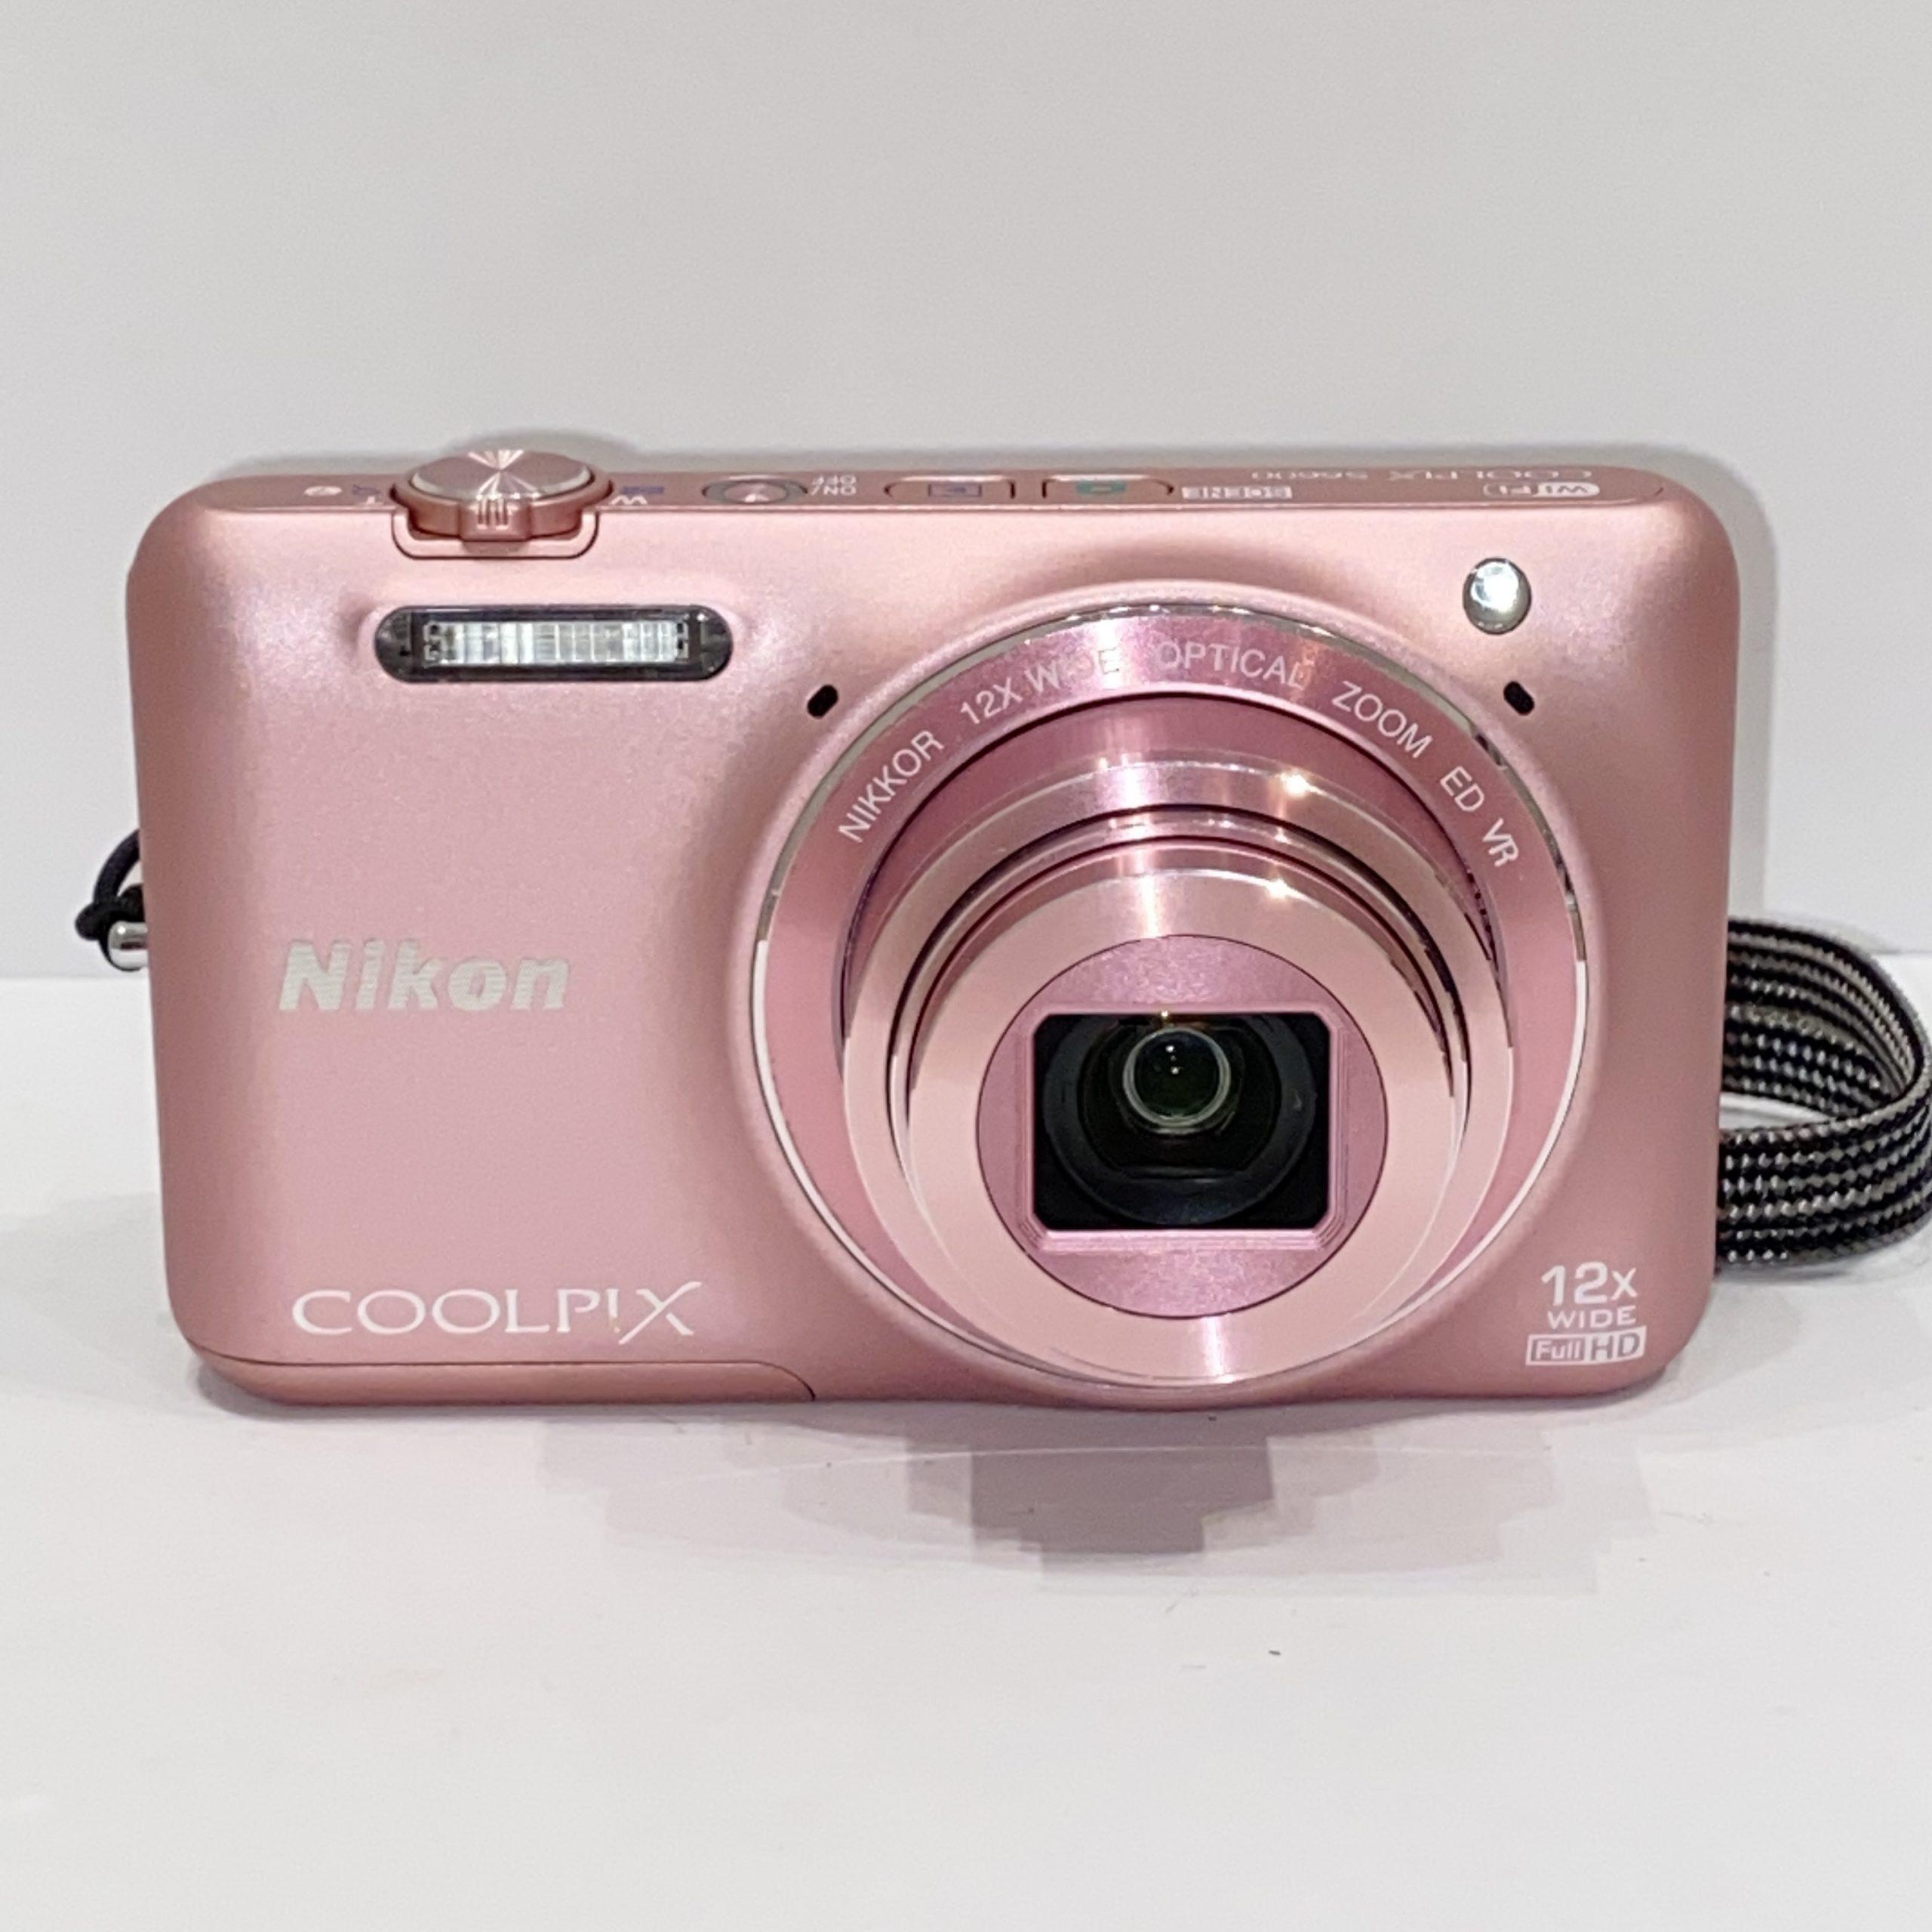 【Nikon/ニコン】COOLPIX S6600 コンパクトデジタルカメラ ピンク